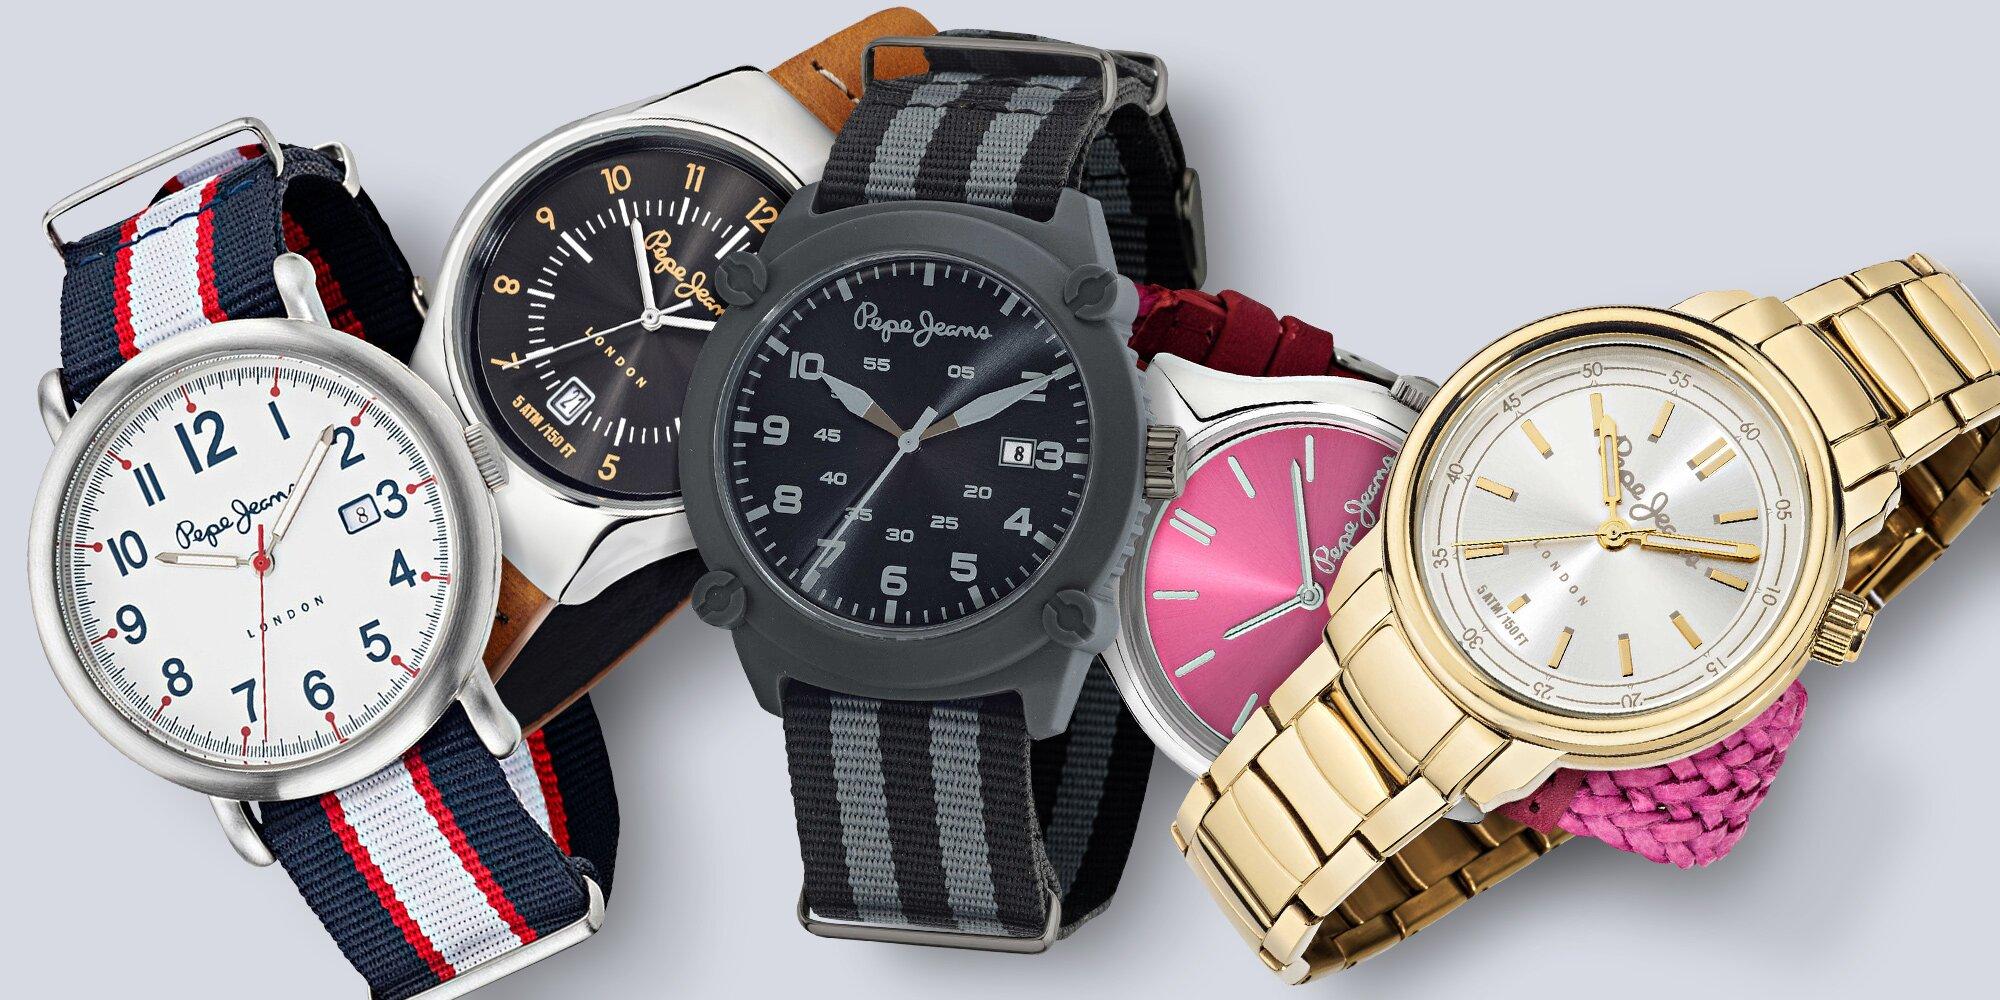 3b74289613c Módní dámské i pánské hodinky Pepe Jeans